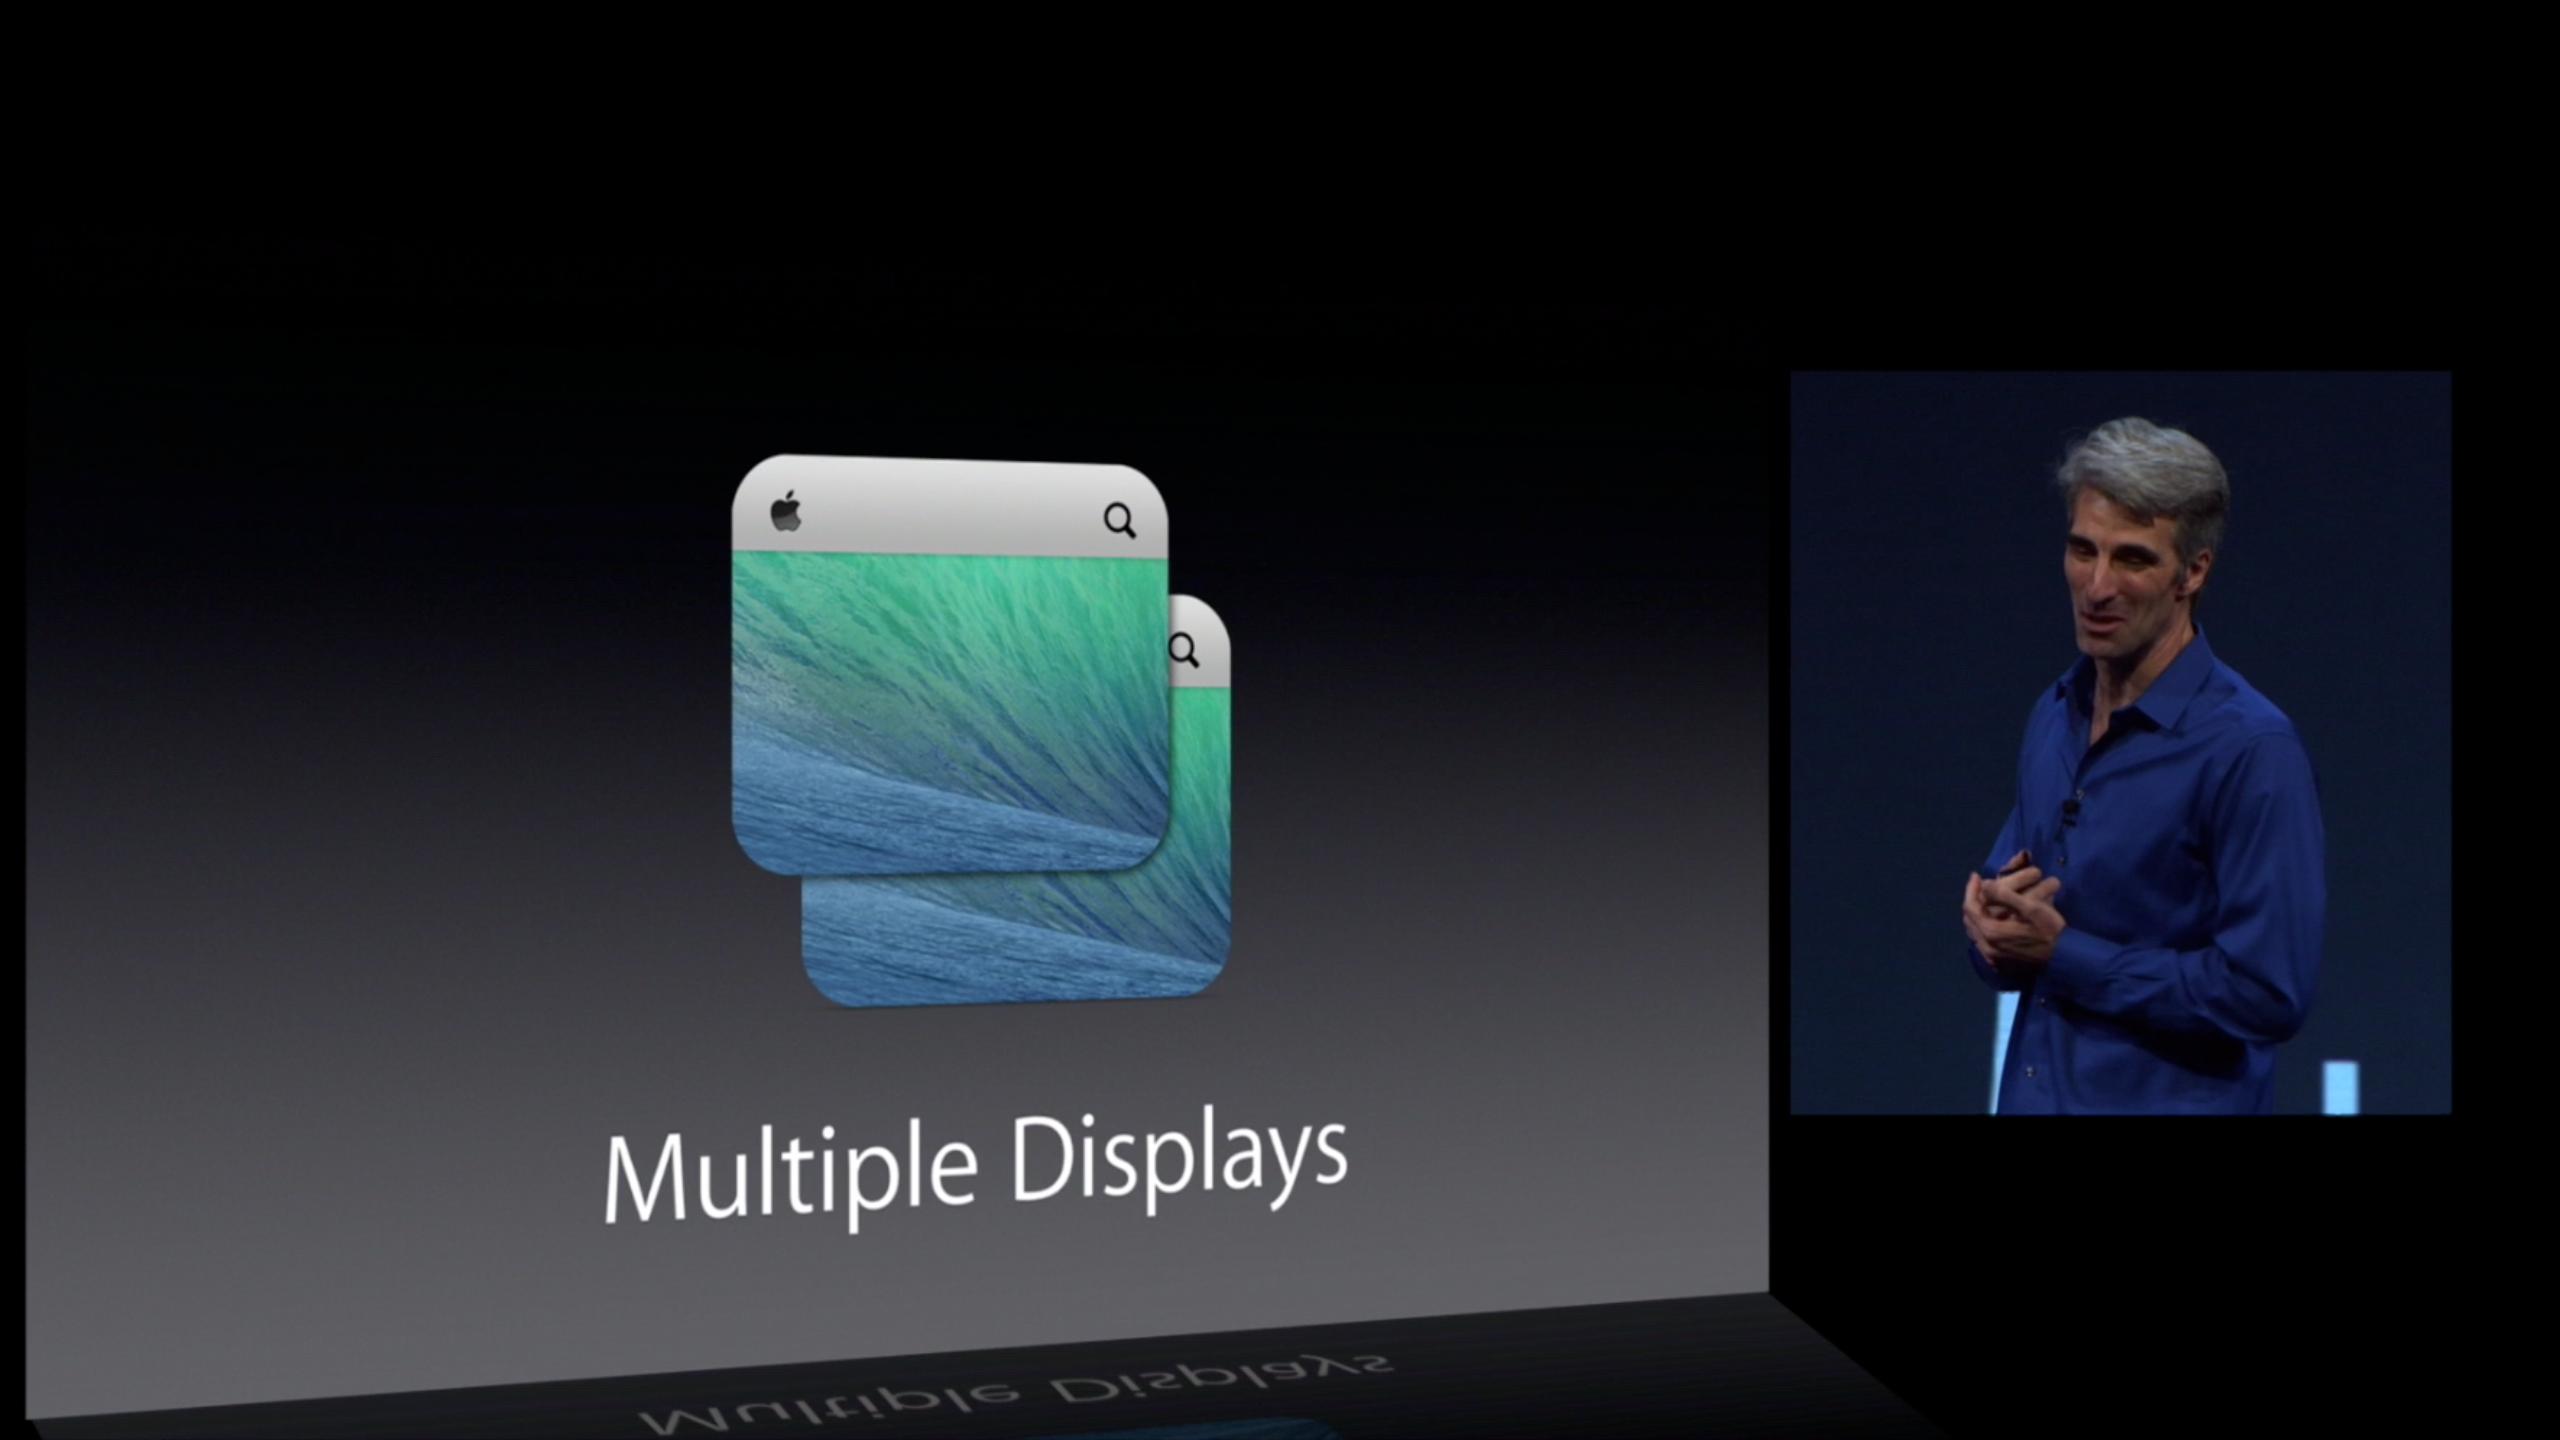 OS X Mavericks - Multiple Displays